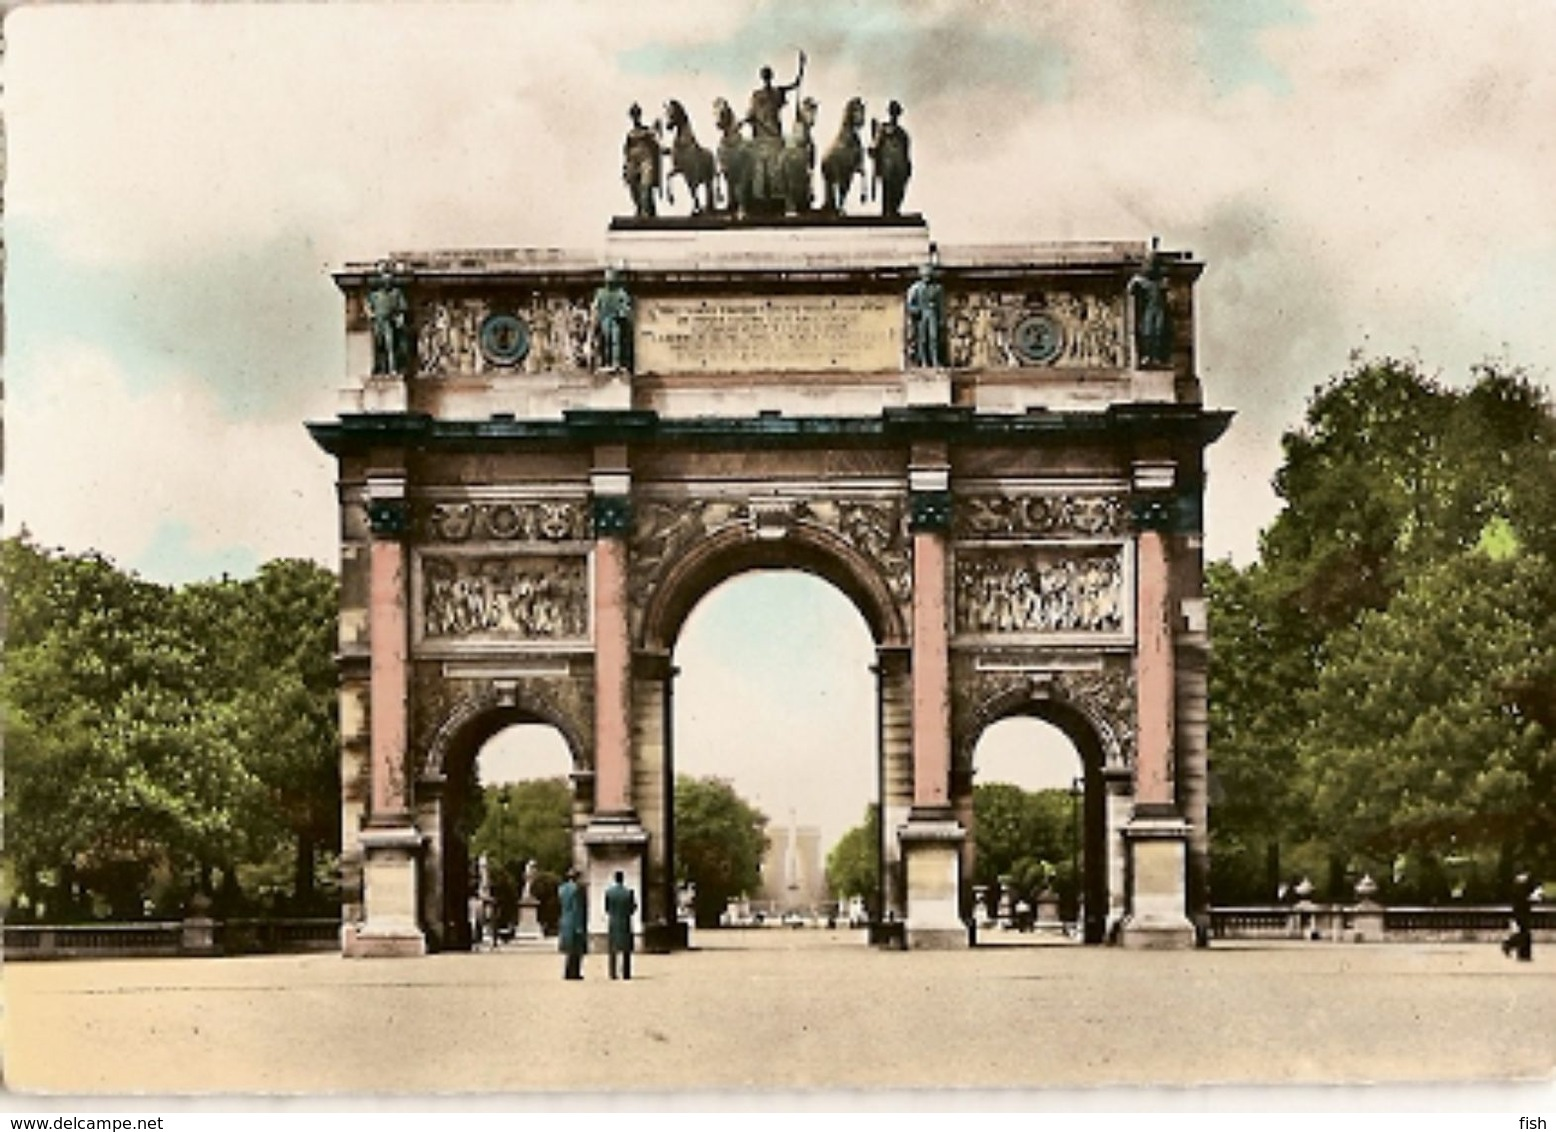 France & Circulated,Paris, Arc De Triomphe Du Carrousel,Ile D'Oleron, Roles De Alienor D'Aquitaine,  Lisboa 1960 (53) - Monumenten